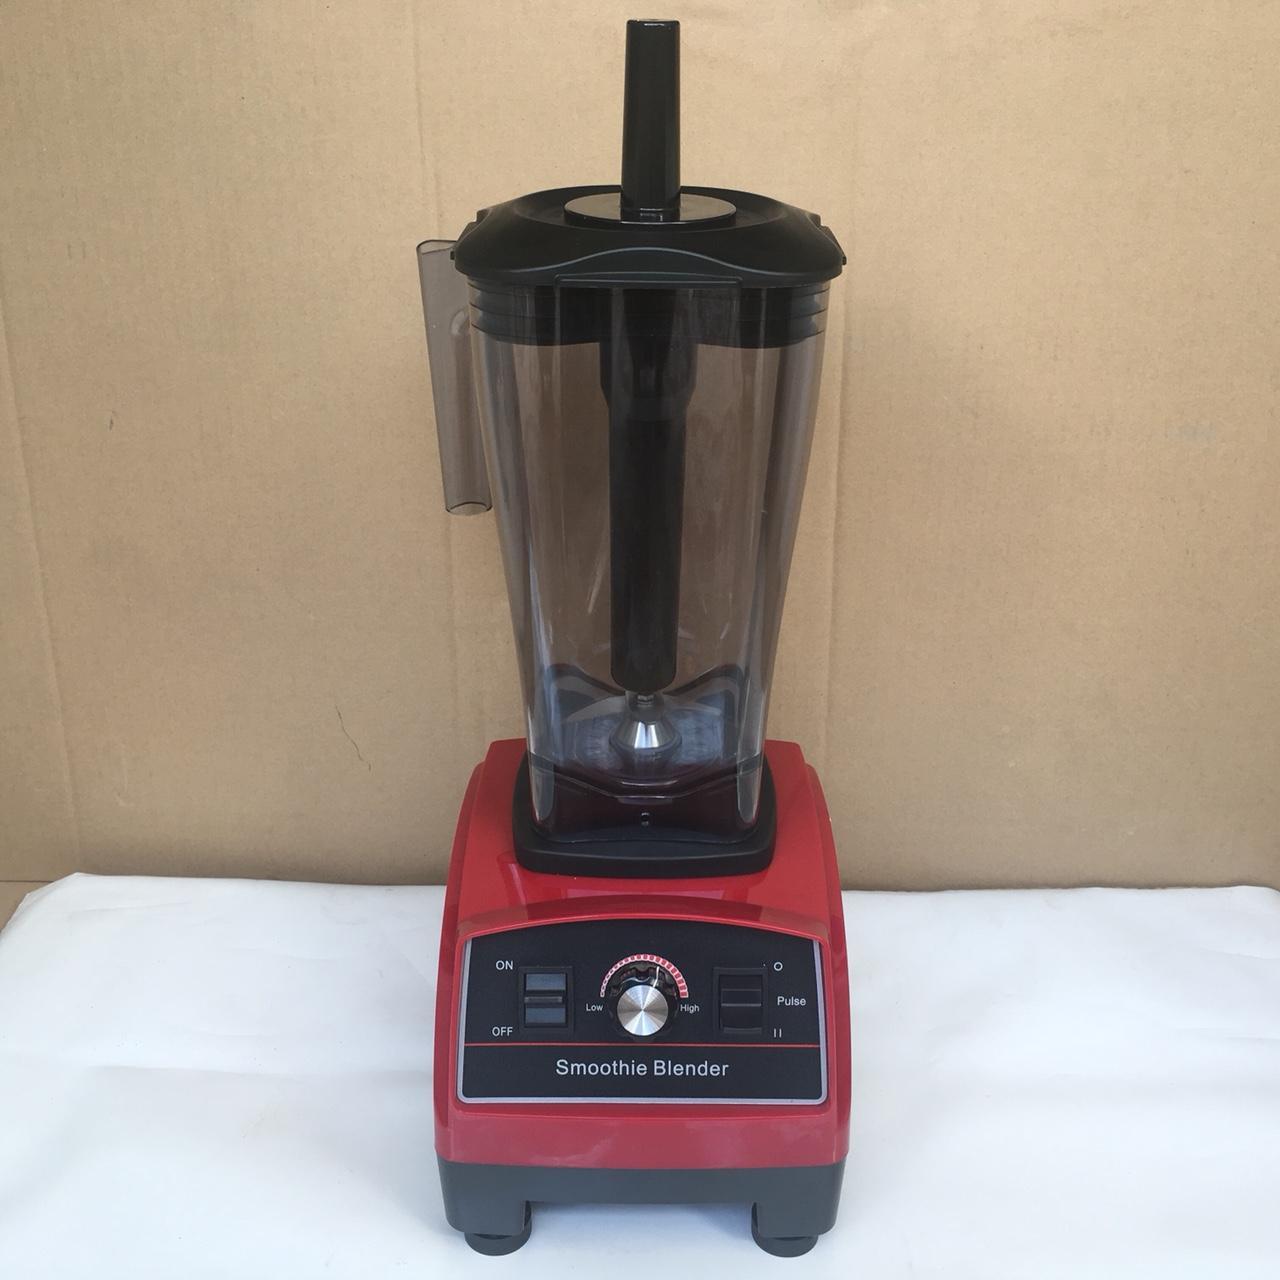 Máy xay sinh tố công nghiệp Blender BA838 - Công suất 2200W